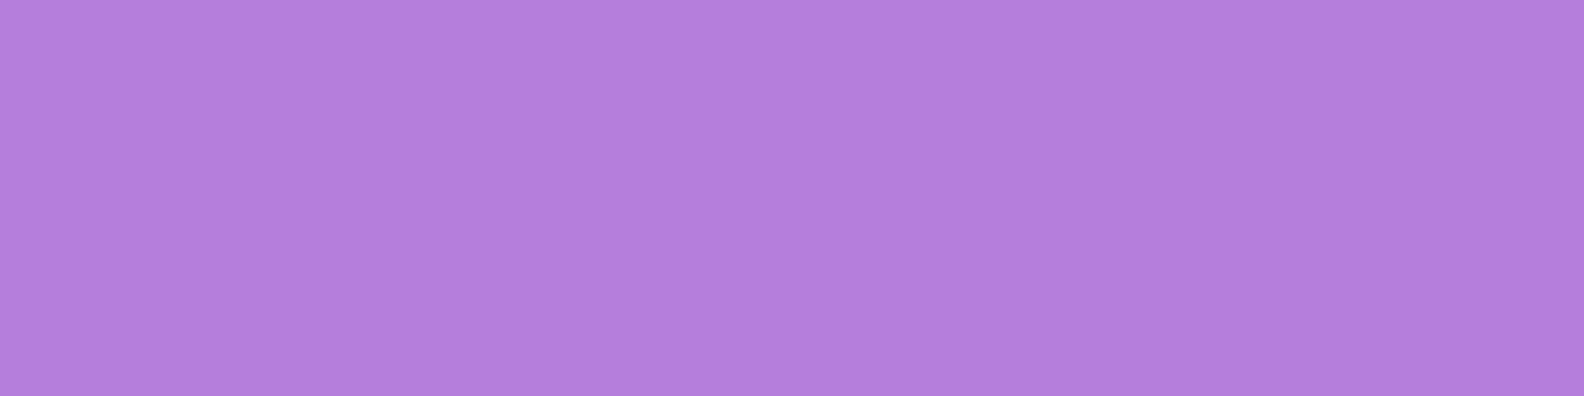 1584x396 Lavender Floral Solid Color Background